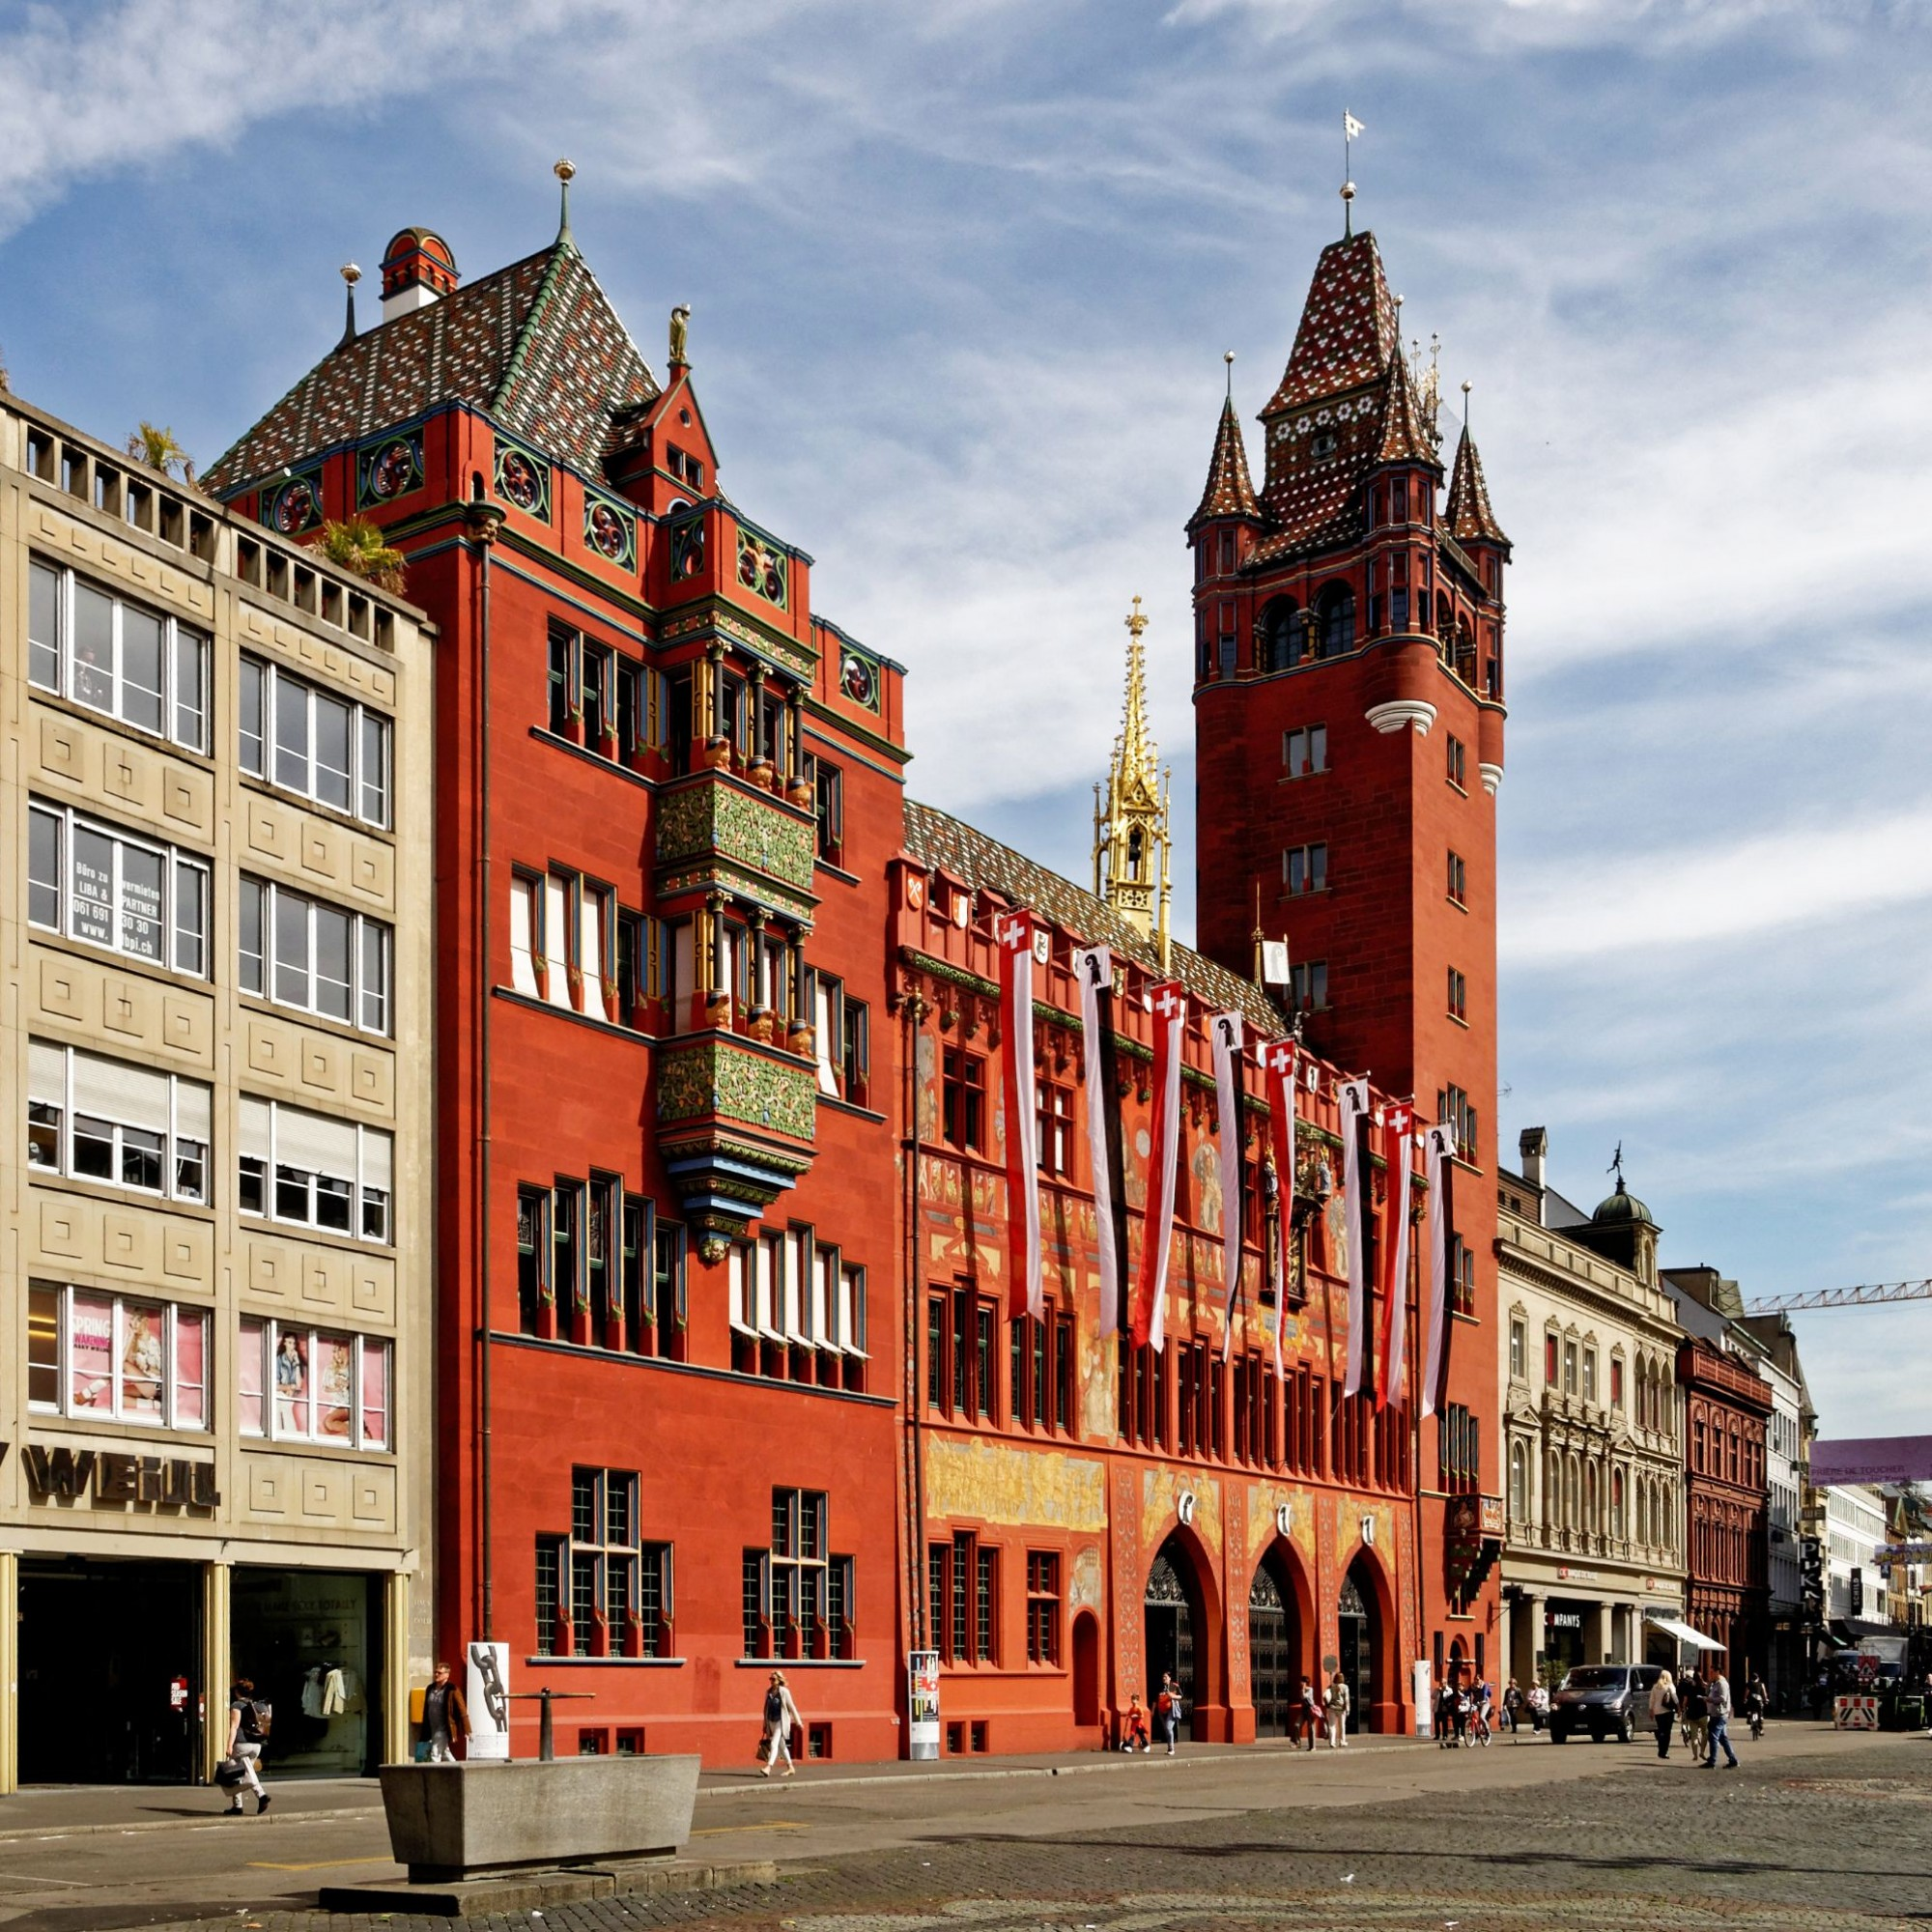 Die Sanierung der Pflästerung auf dem Basler Marktplatz dauert bis Mitte November.